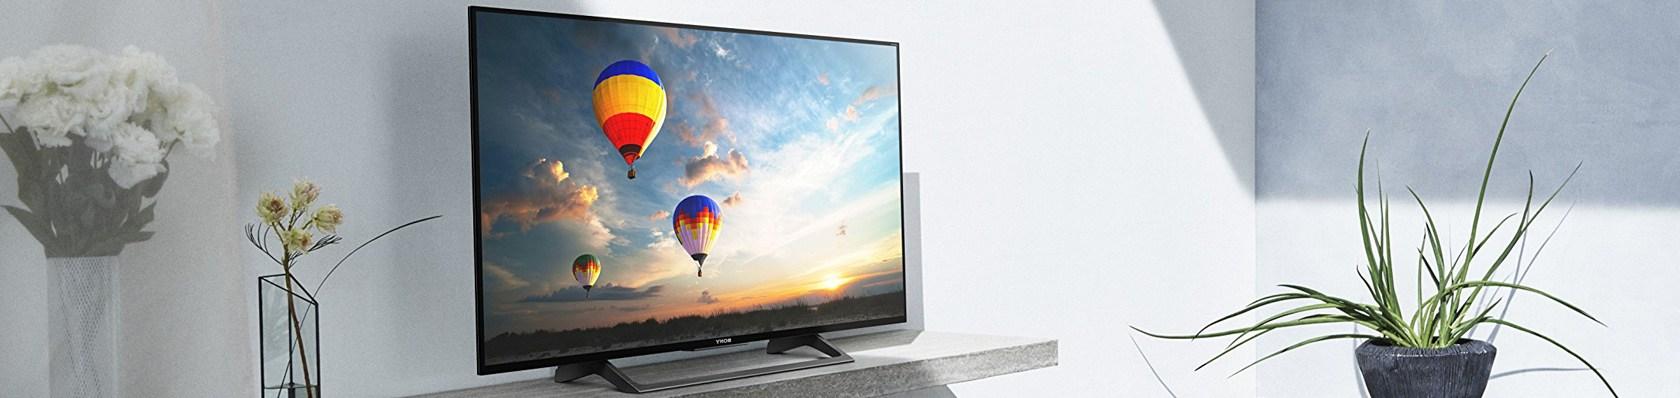 40 Zoll Smart TVs im Test auf ExpertenTesten.de